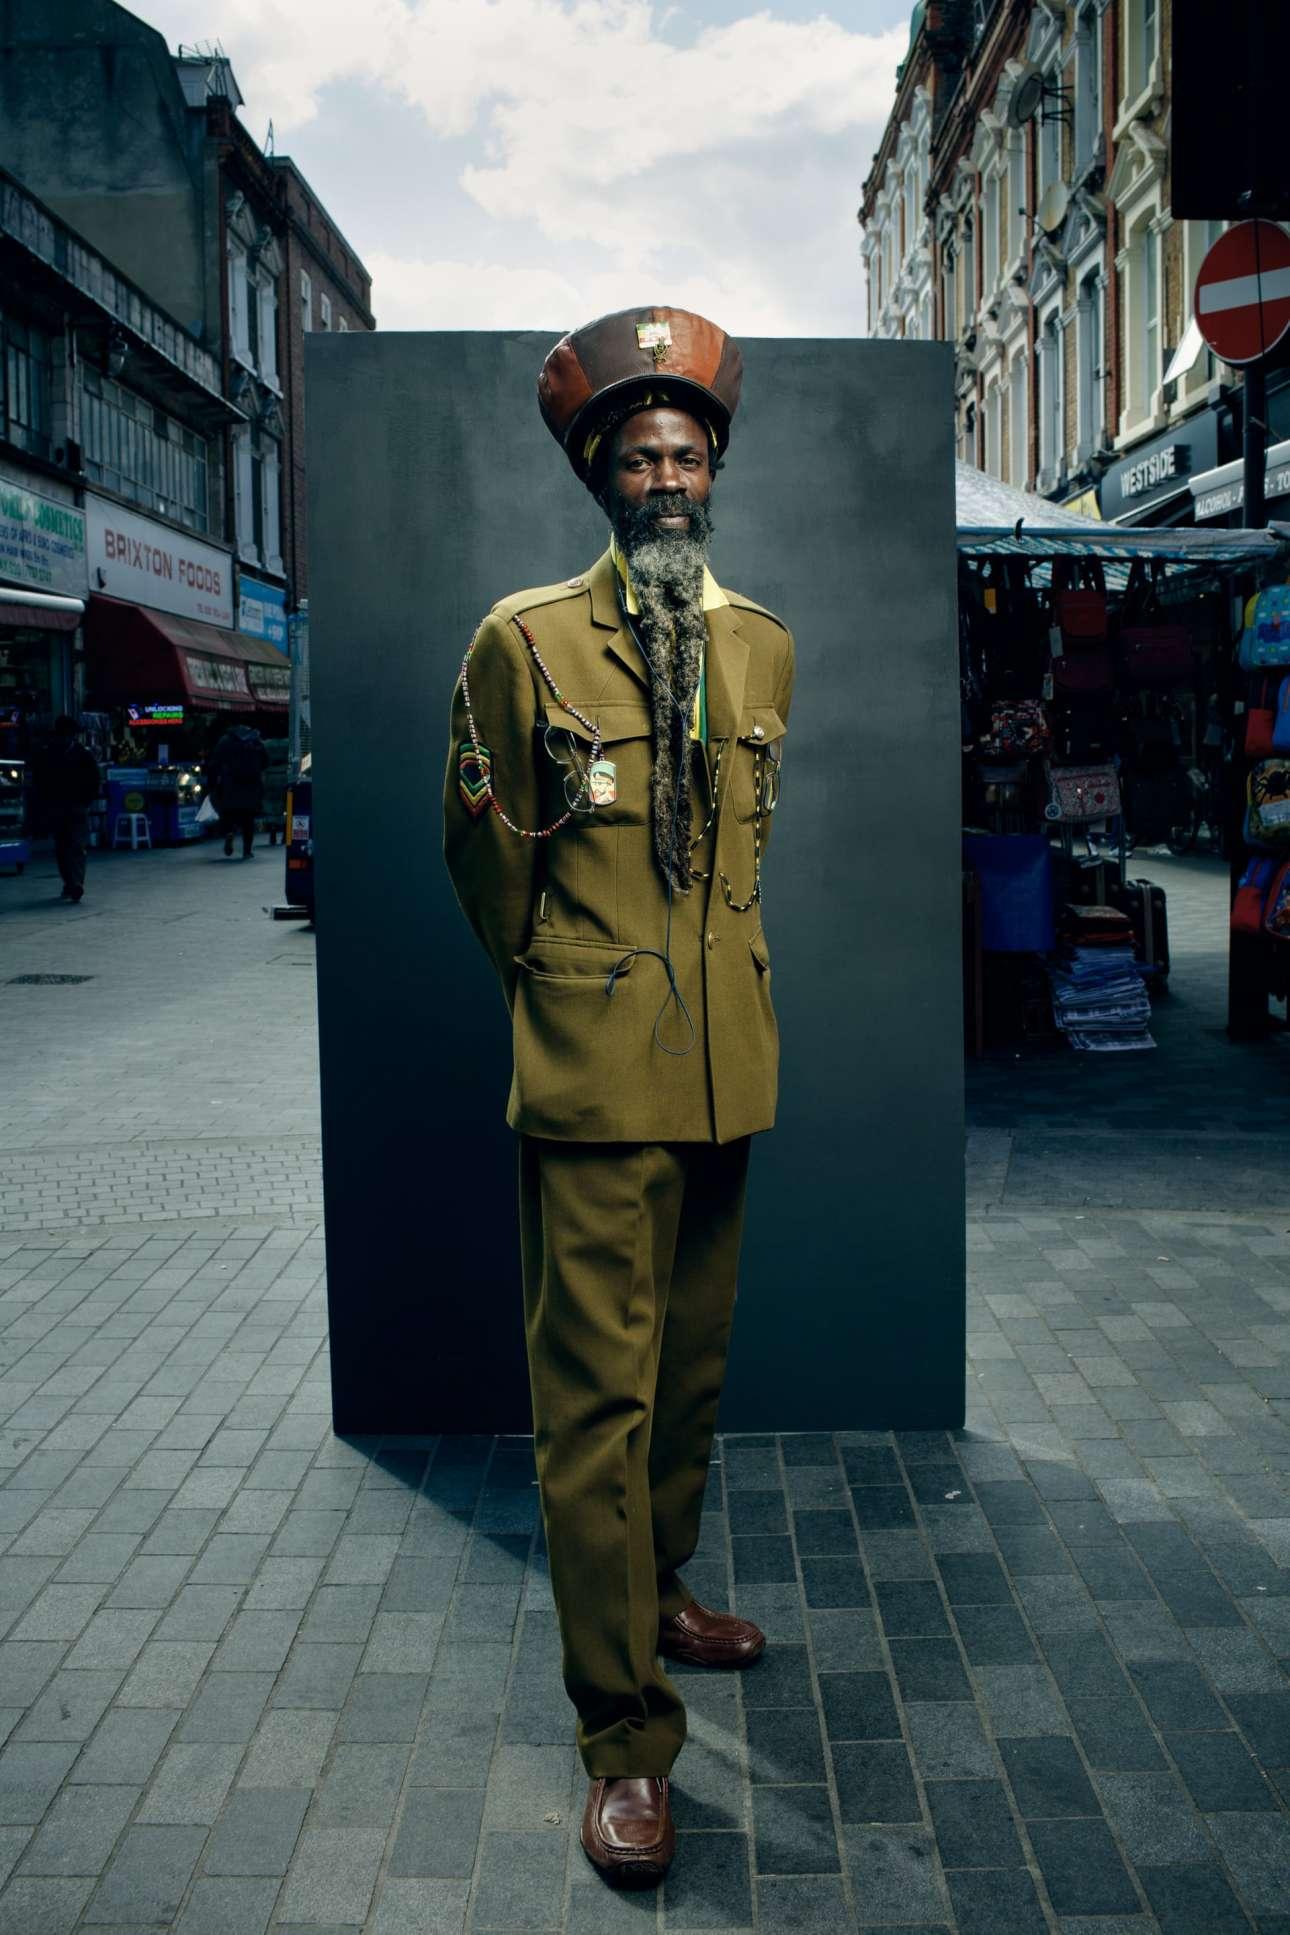 Ο Πας ποζάρει με φόντο την πολύχρωμη περιοχή Μπρίξτον του Λονδίνου